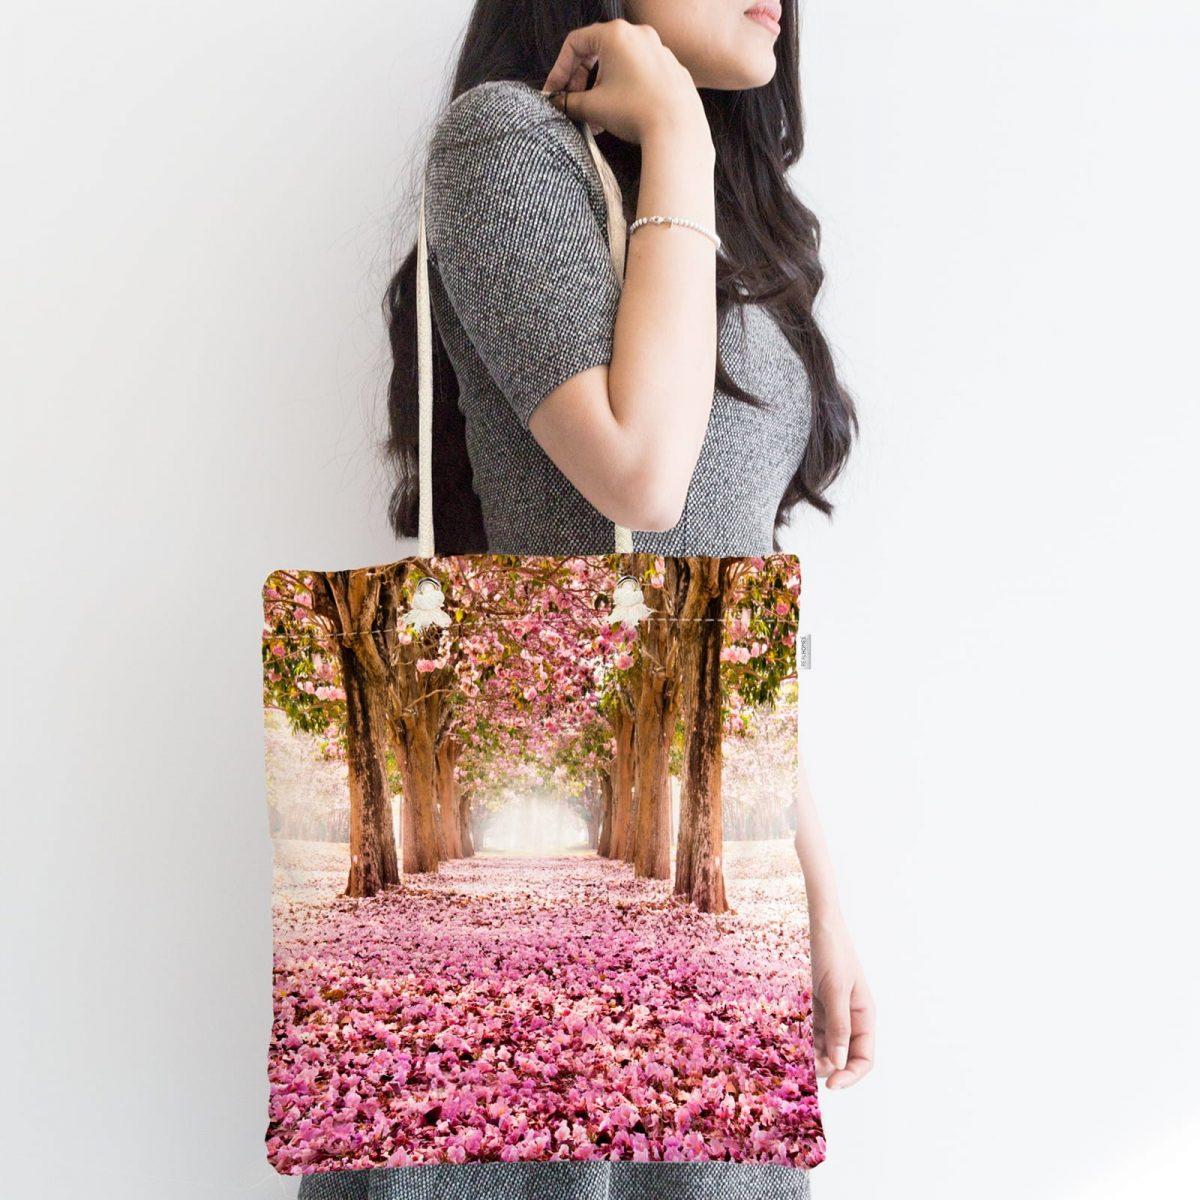 Çiçek Bahçesi Dijital Baskılı Fermuarlı Modern Kumaş Çanta Realhomes